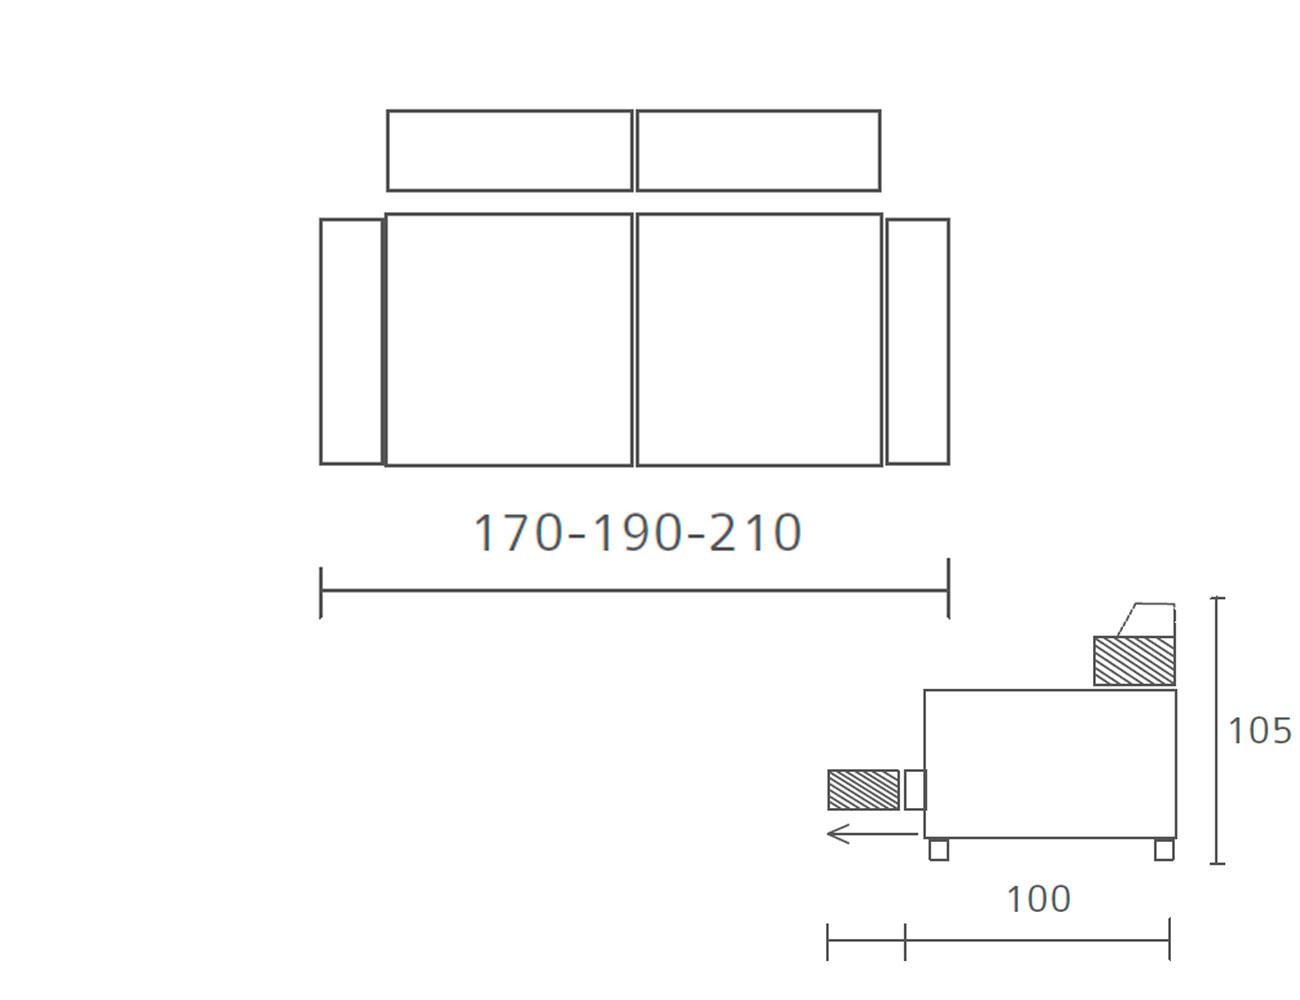 Sofa 120 190 210